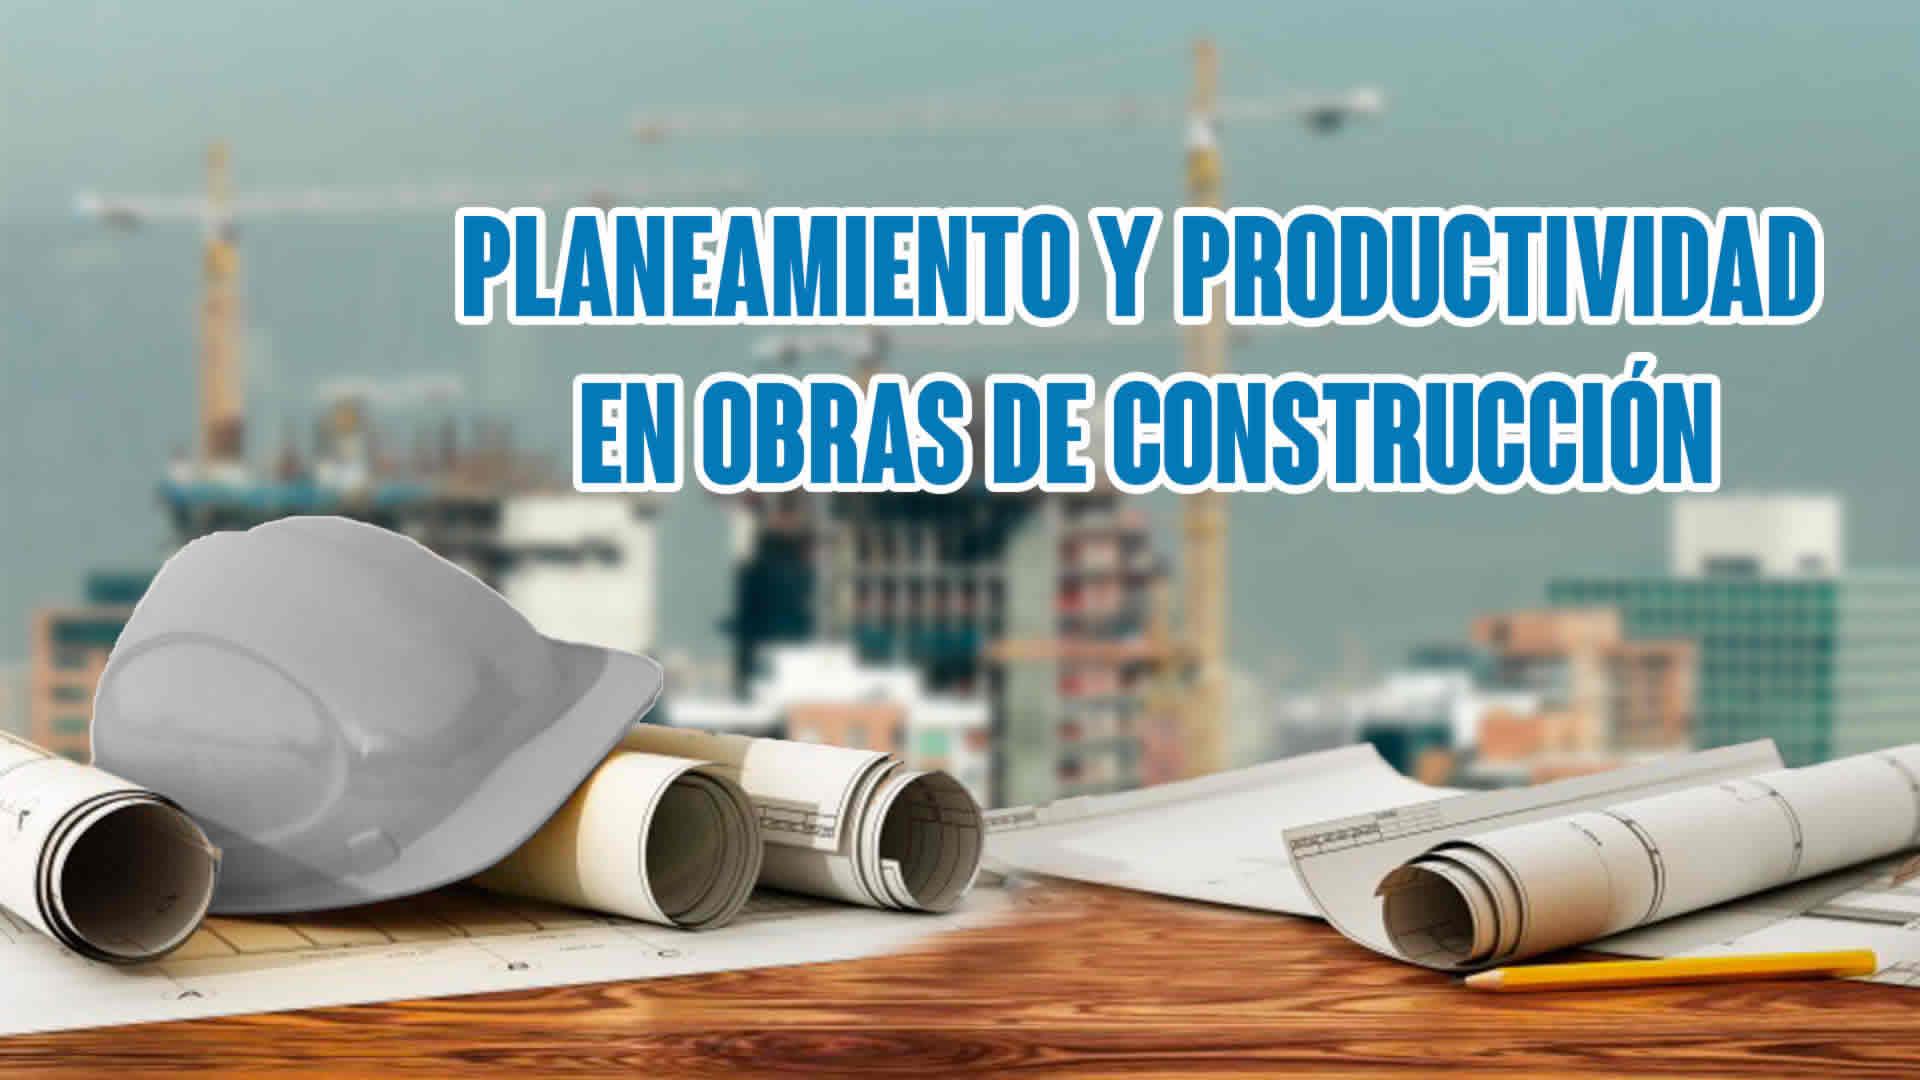 Planeamiento y Productividad en obras de Construcción